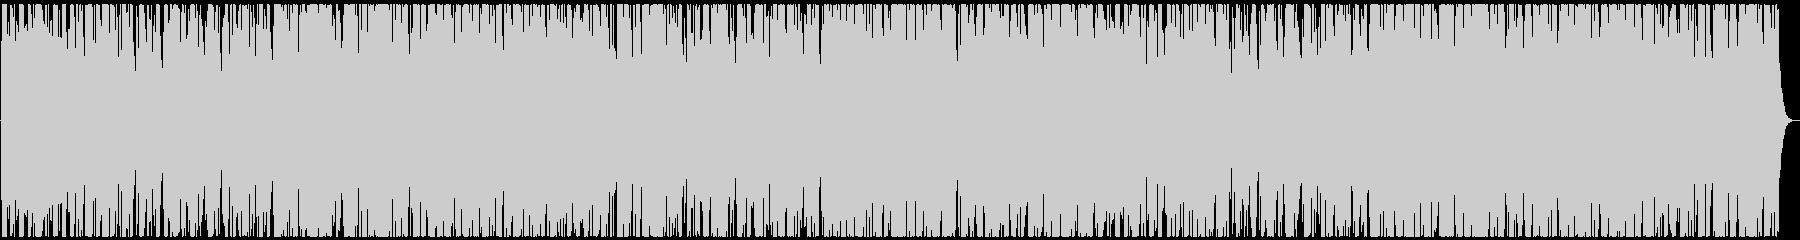 ホラー・ハロウィン向けオーケストラ(長めの未再生の波形